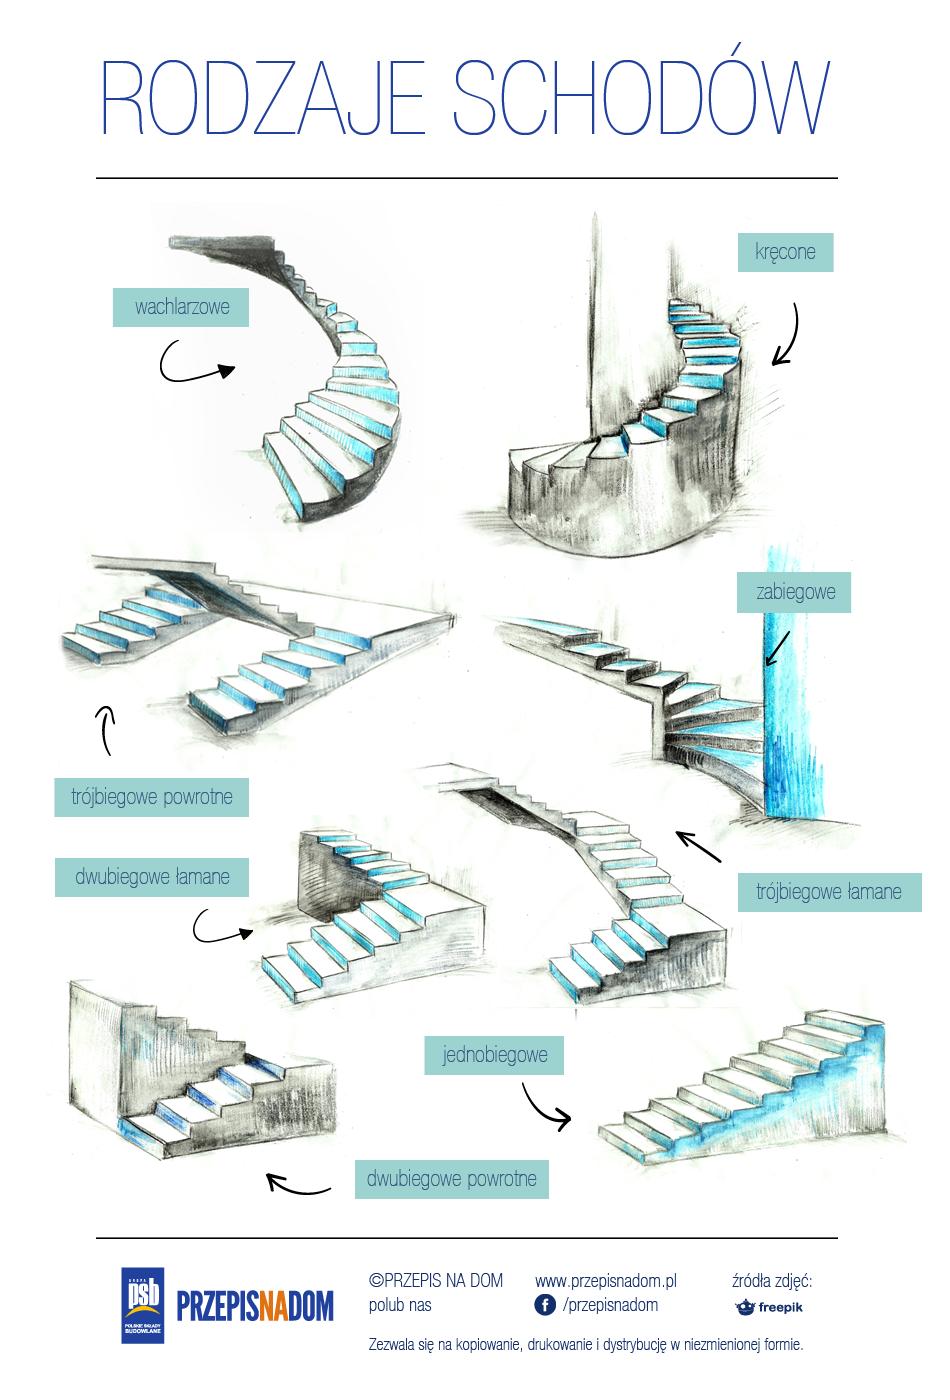 Rodzaje schodów